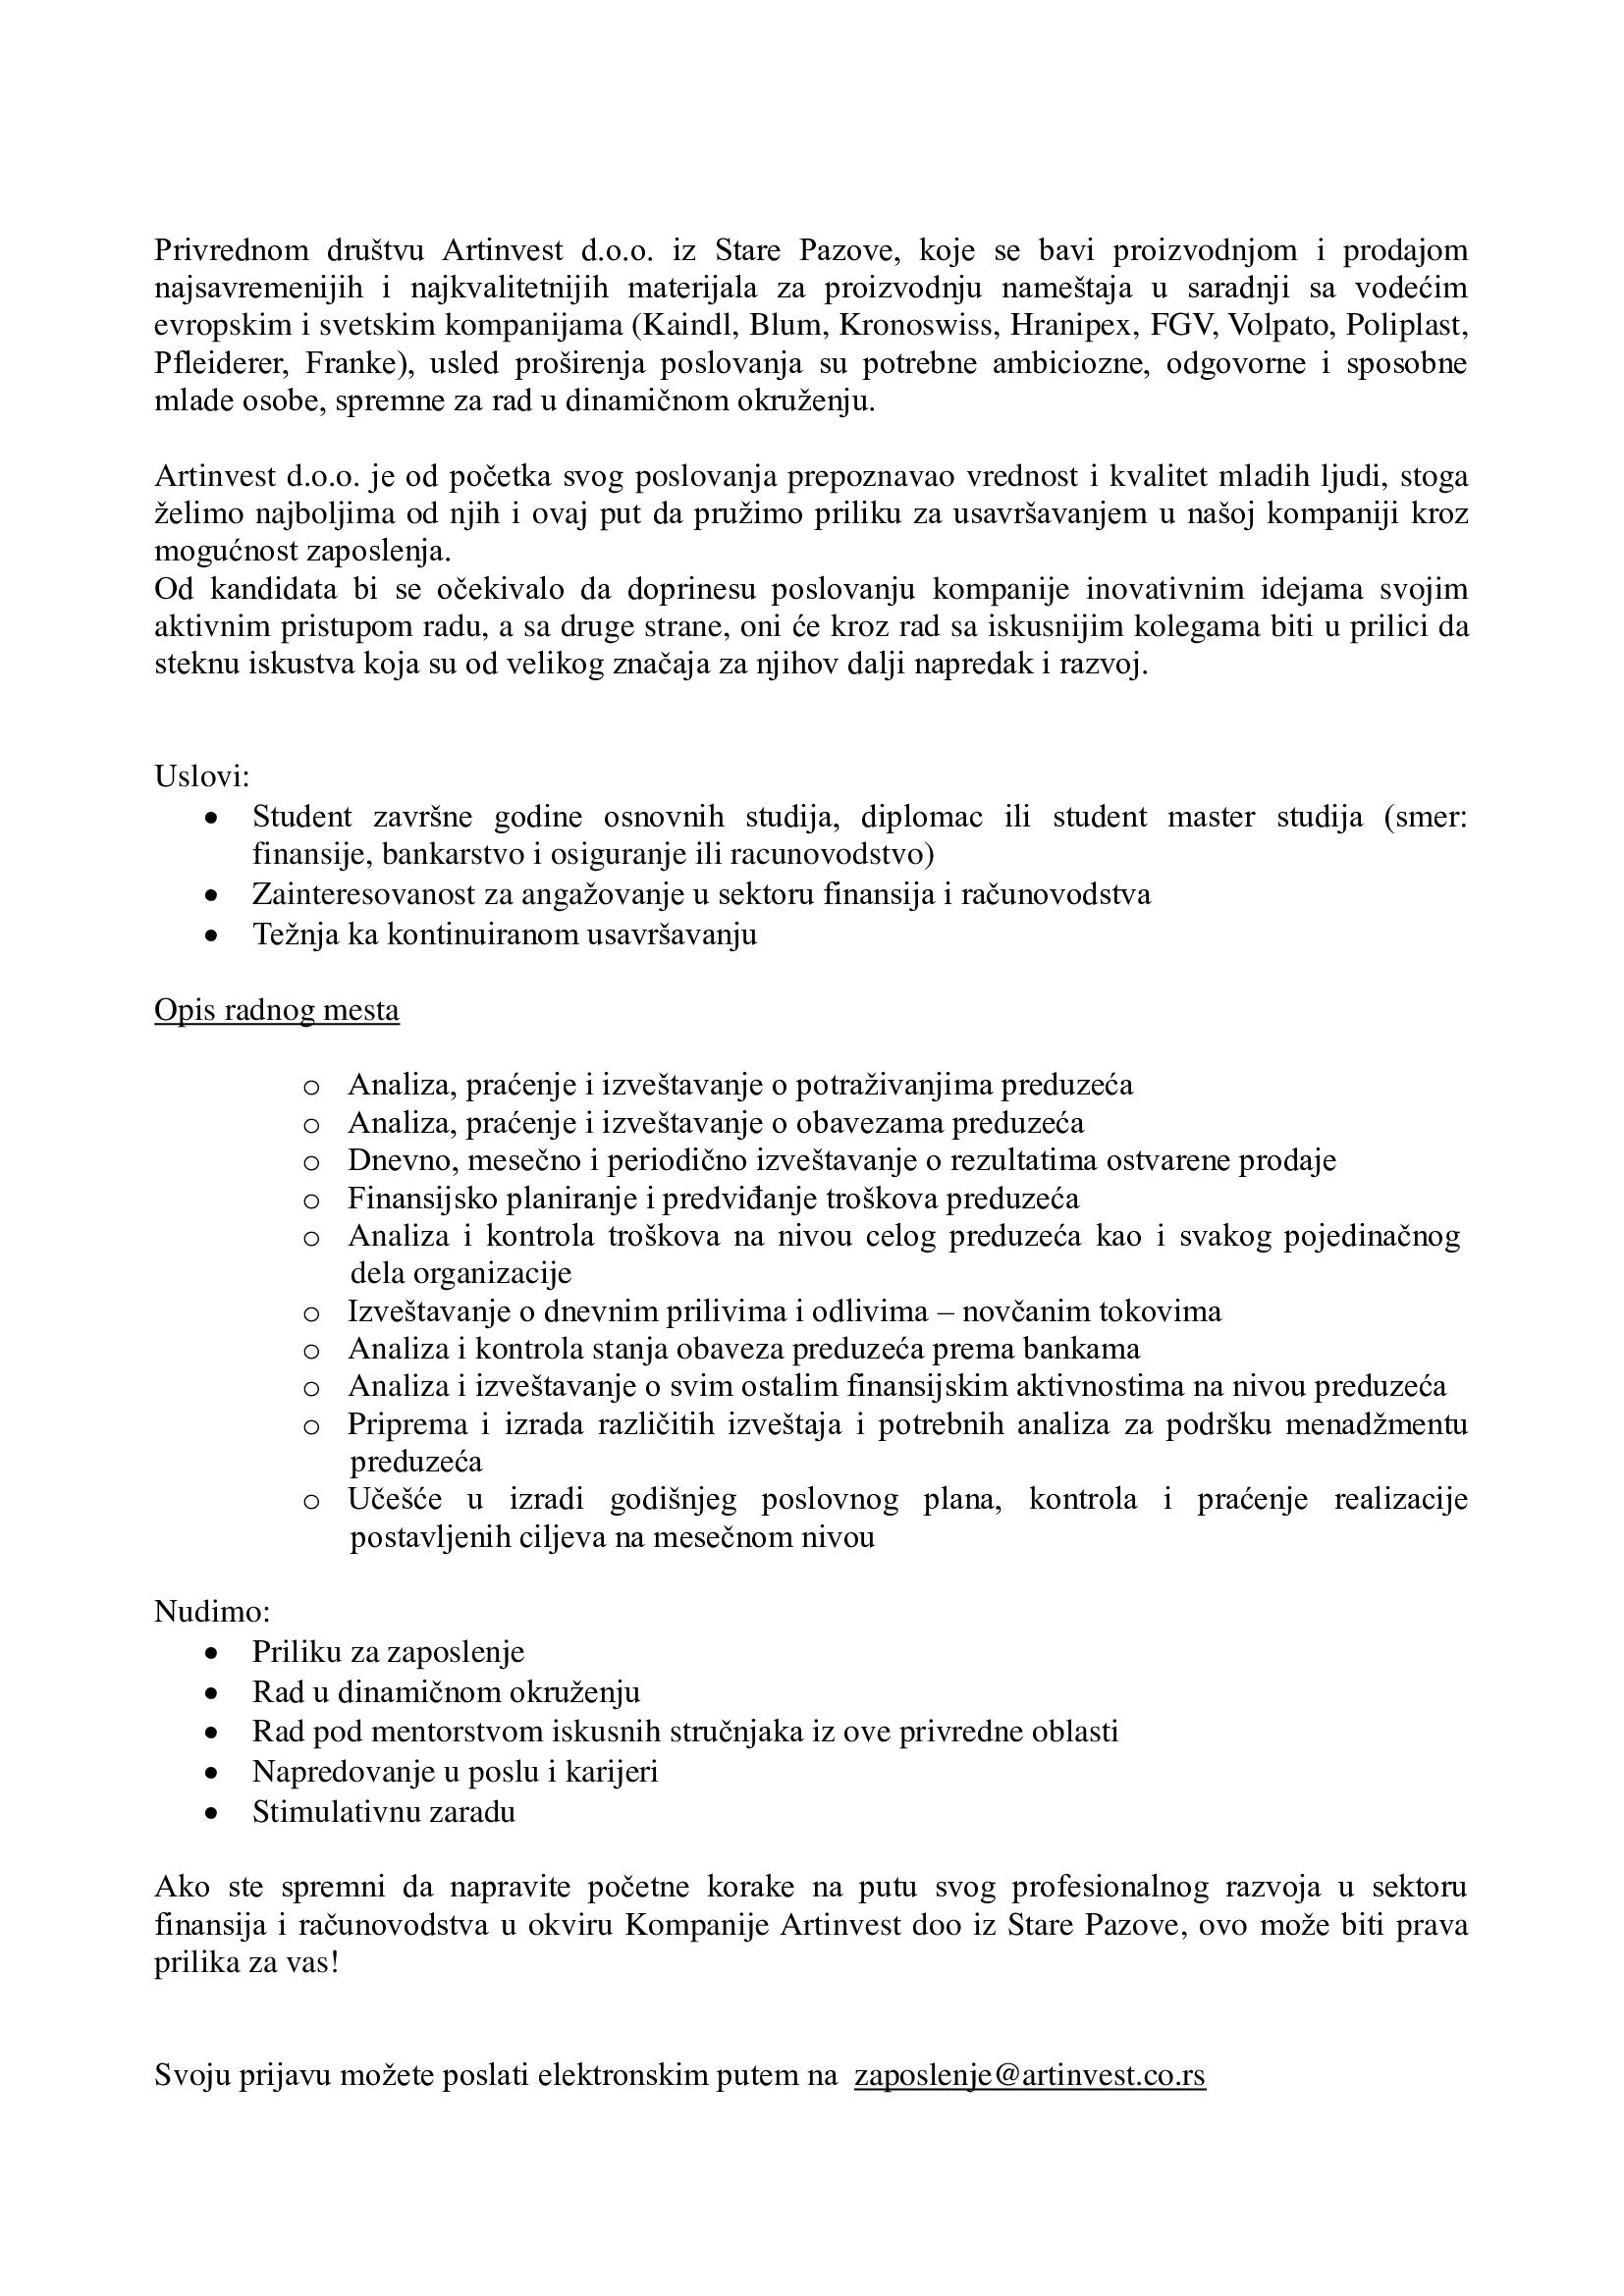 EKOF-Oglas-za-posao-1_1